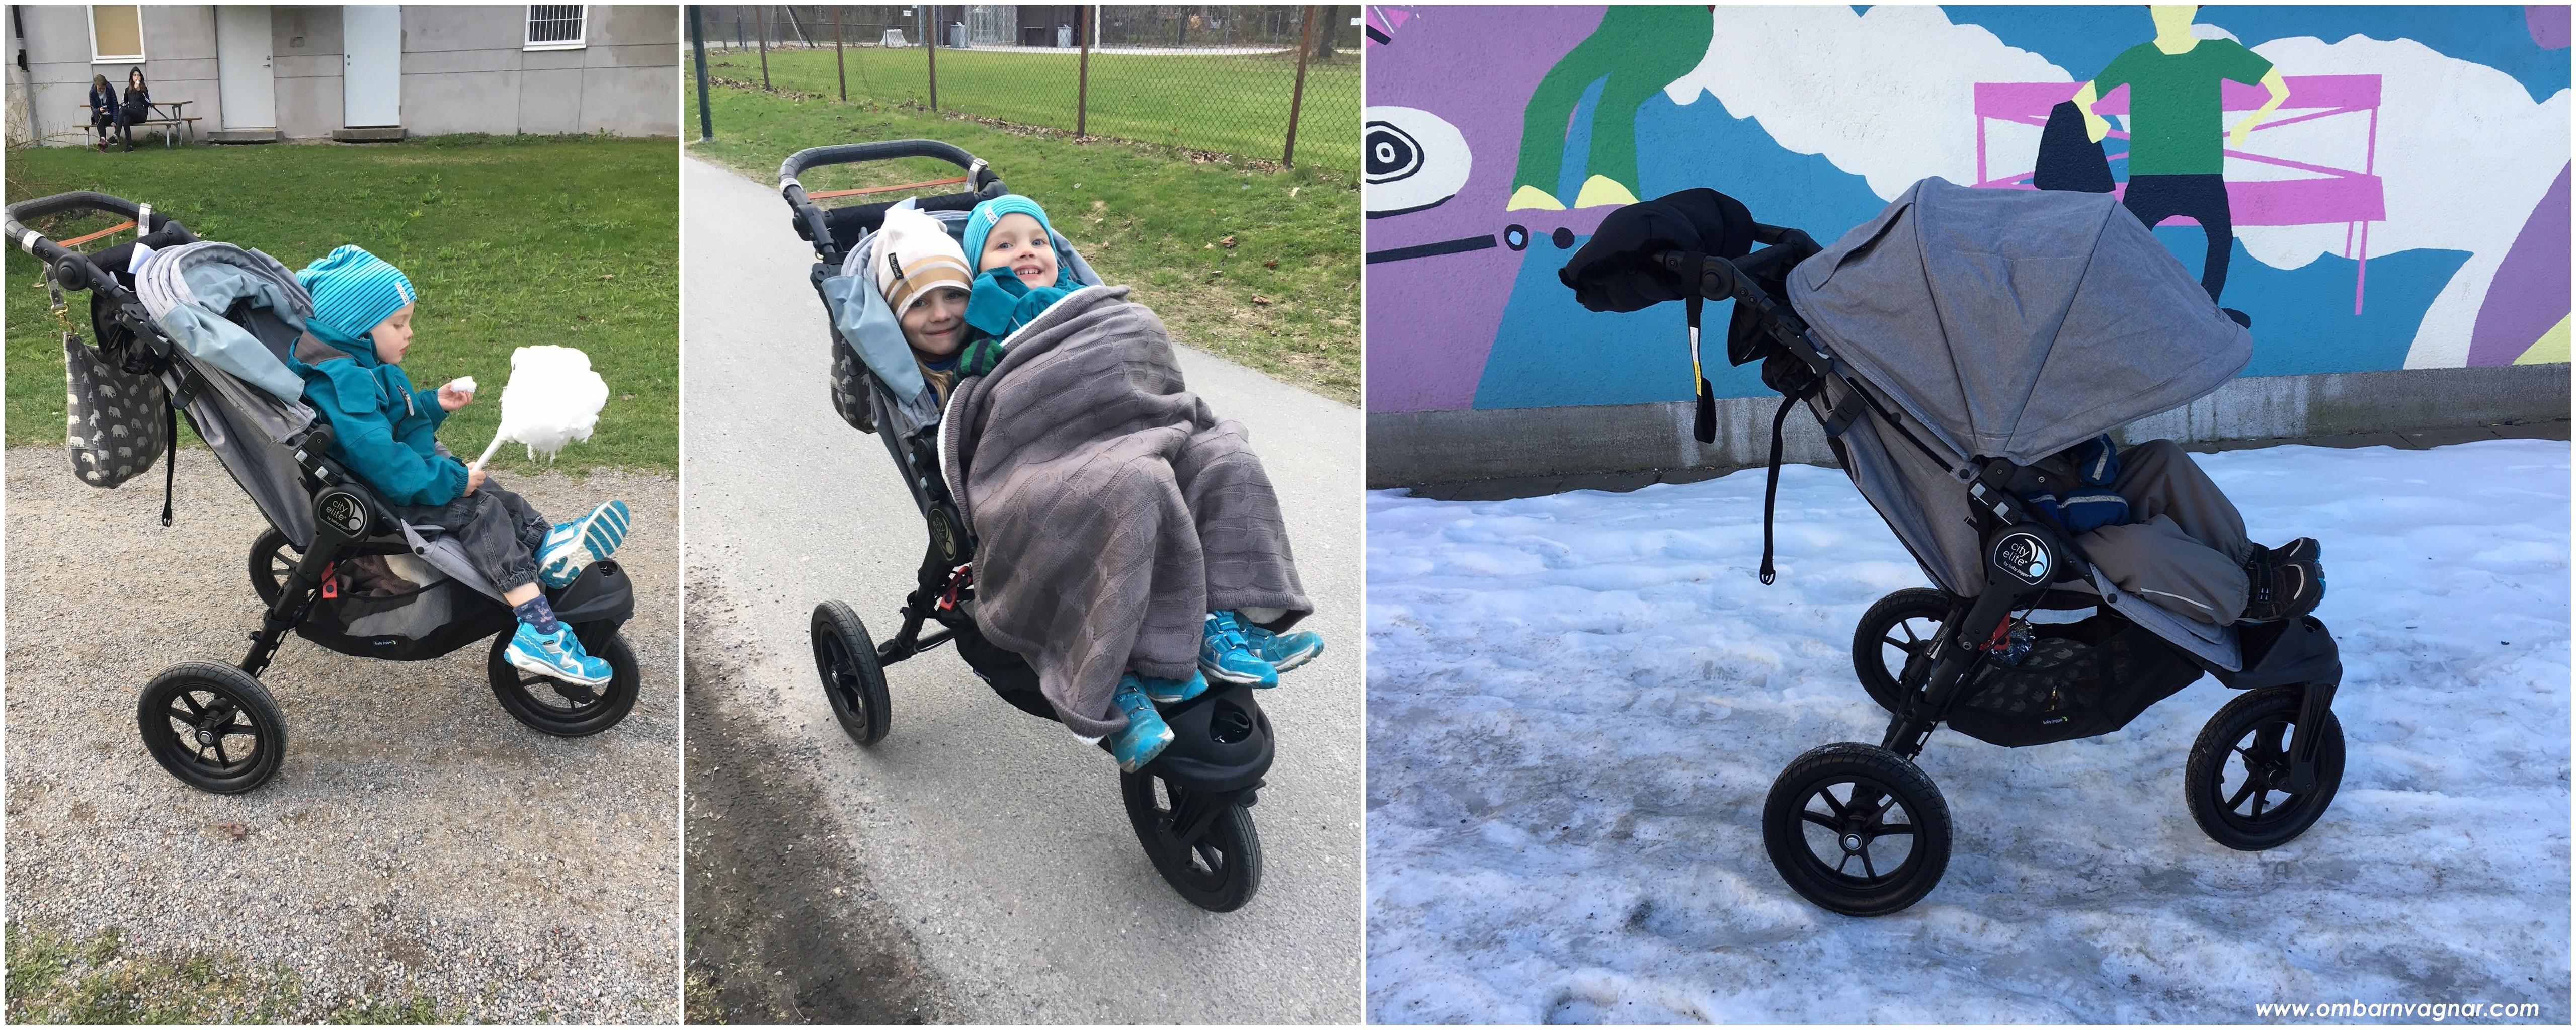 Baby Jogger City Elite körkänsla och användning